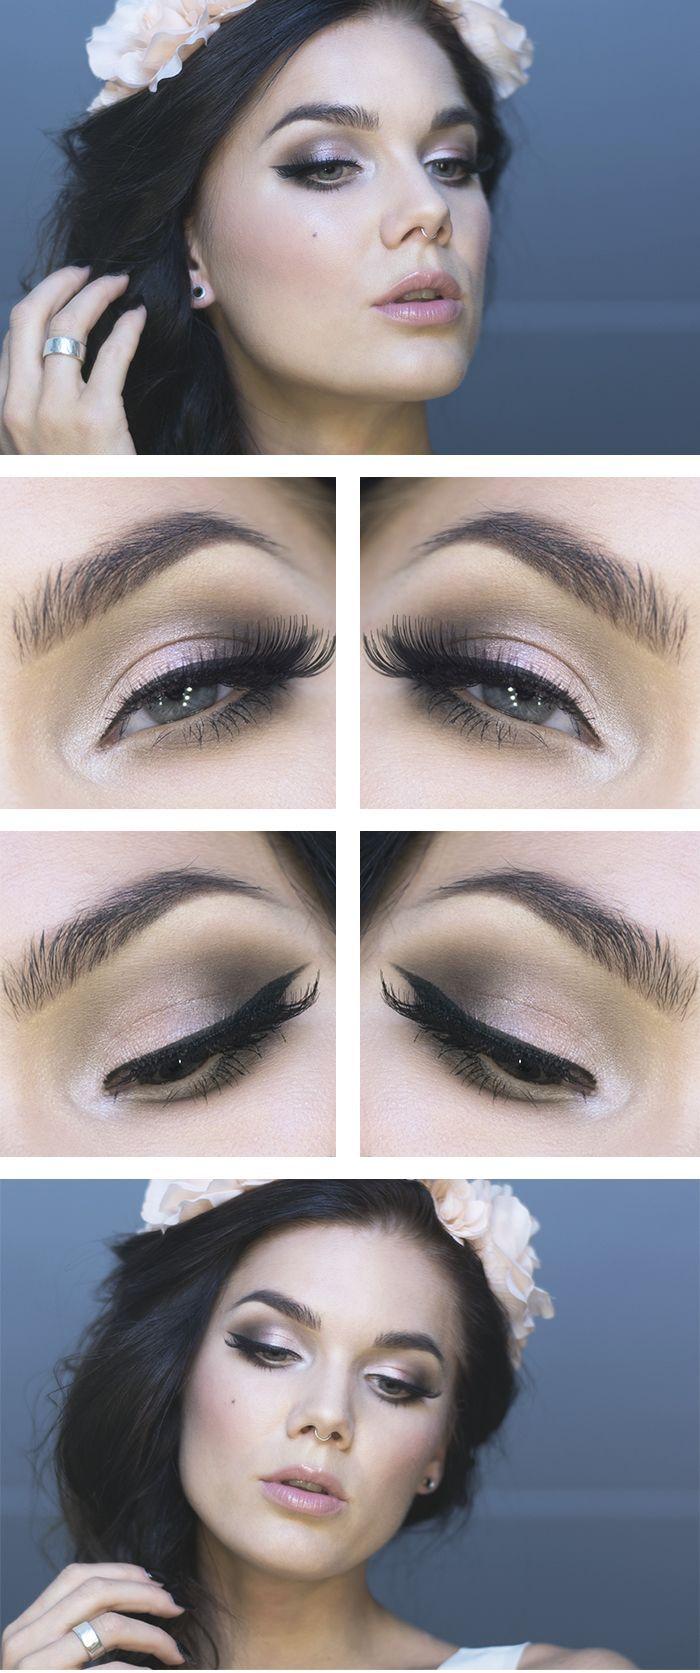 Mira este hermoso #look para lucir durante tu gran día. #Makeup